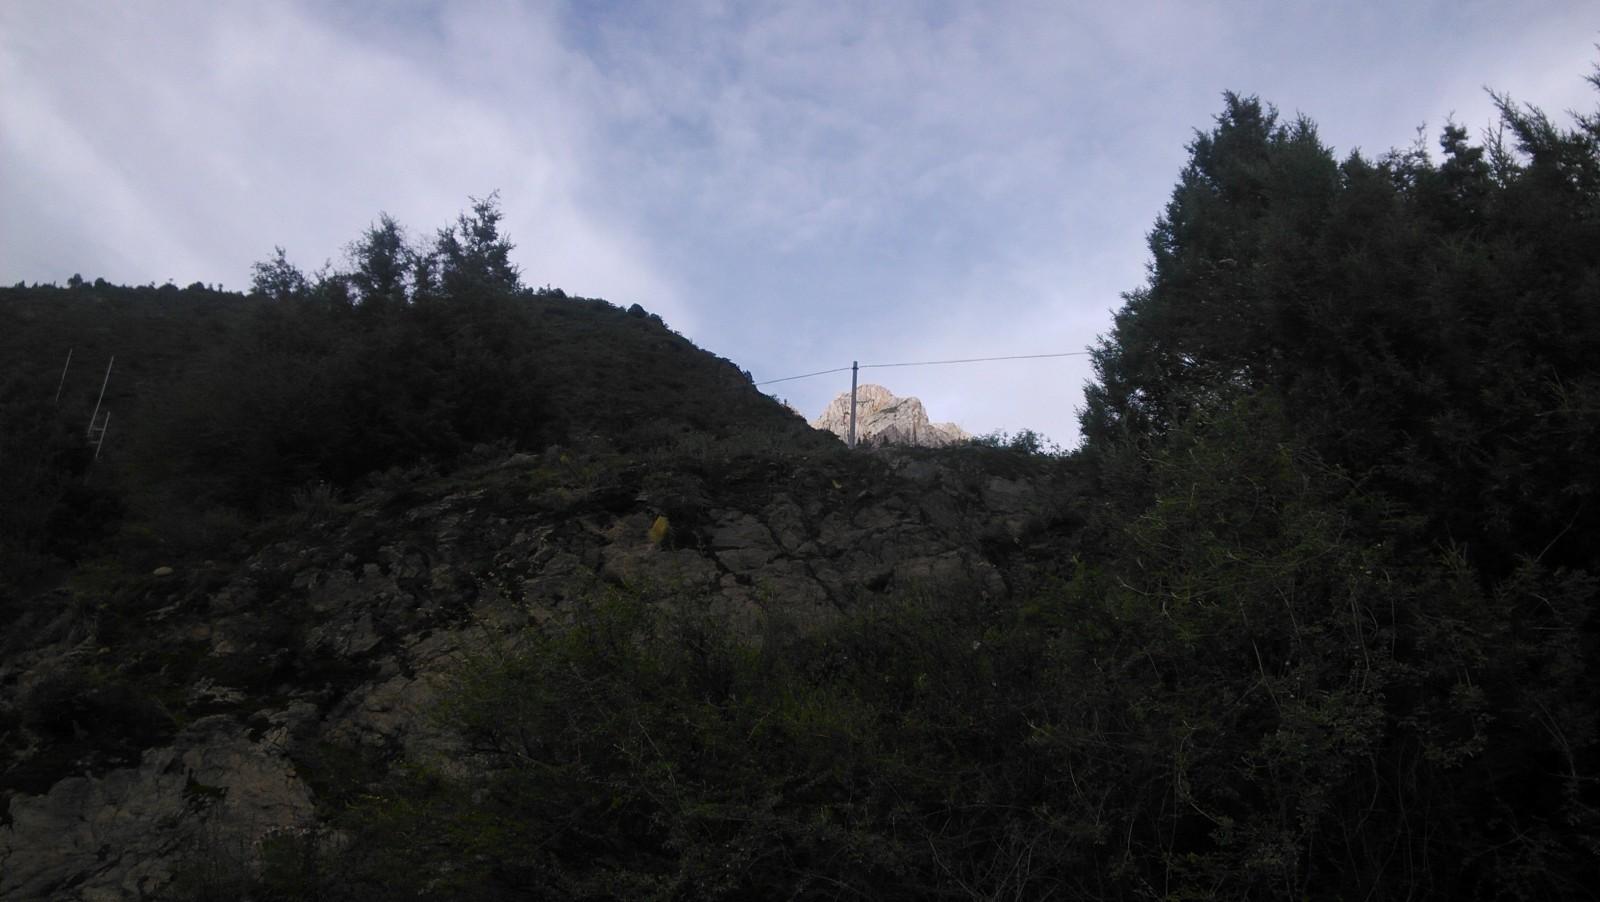 远远的还有一座很高的山,山顶也是这样的